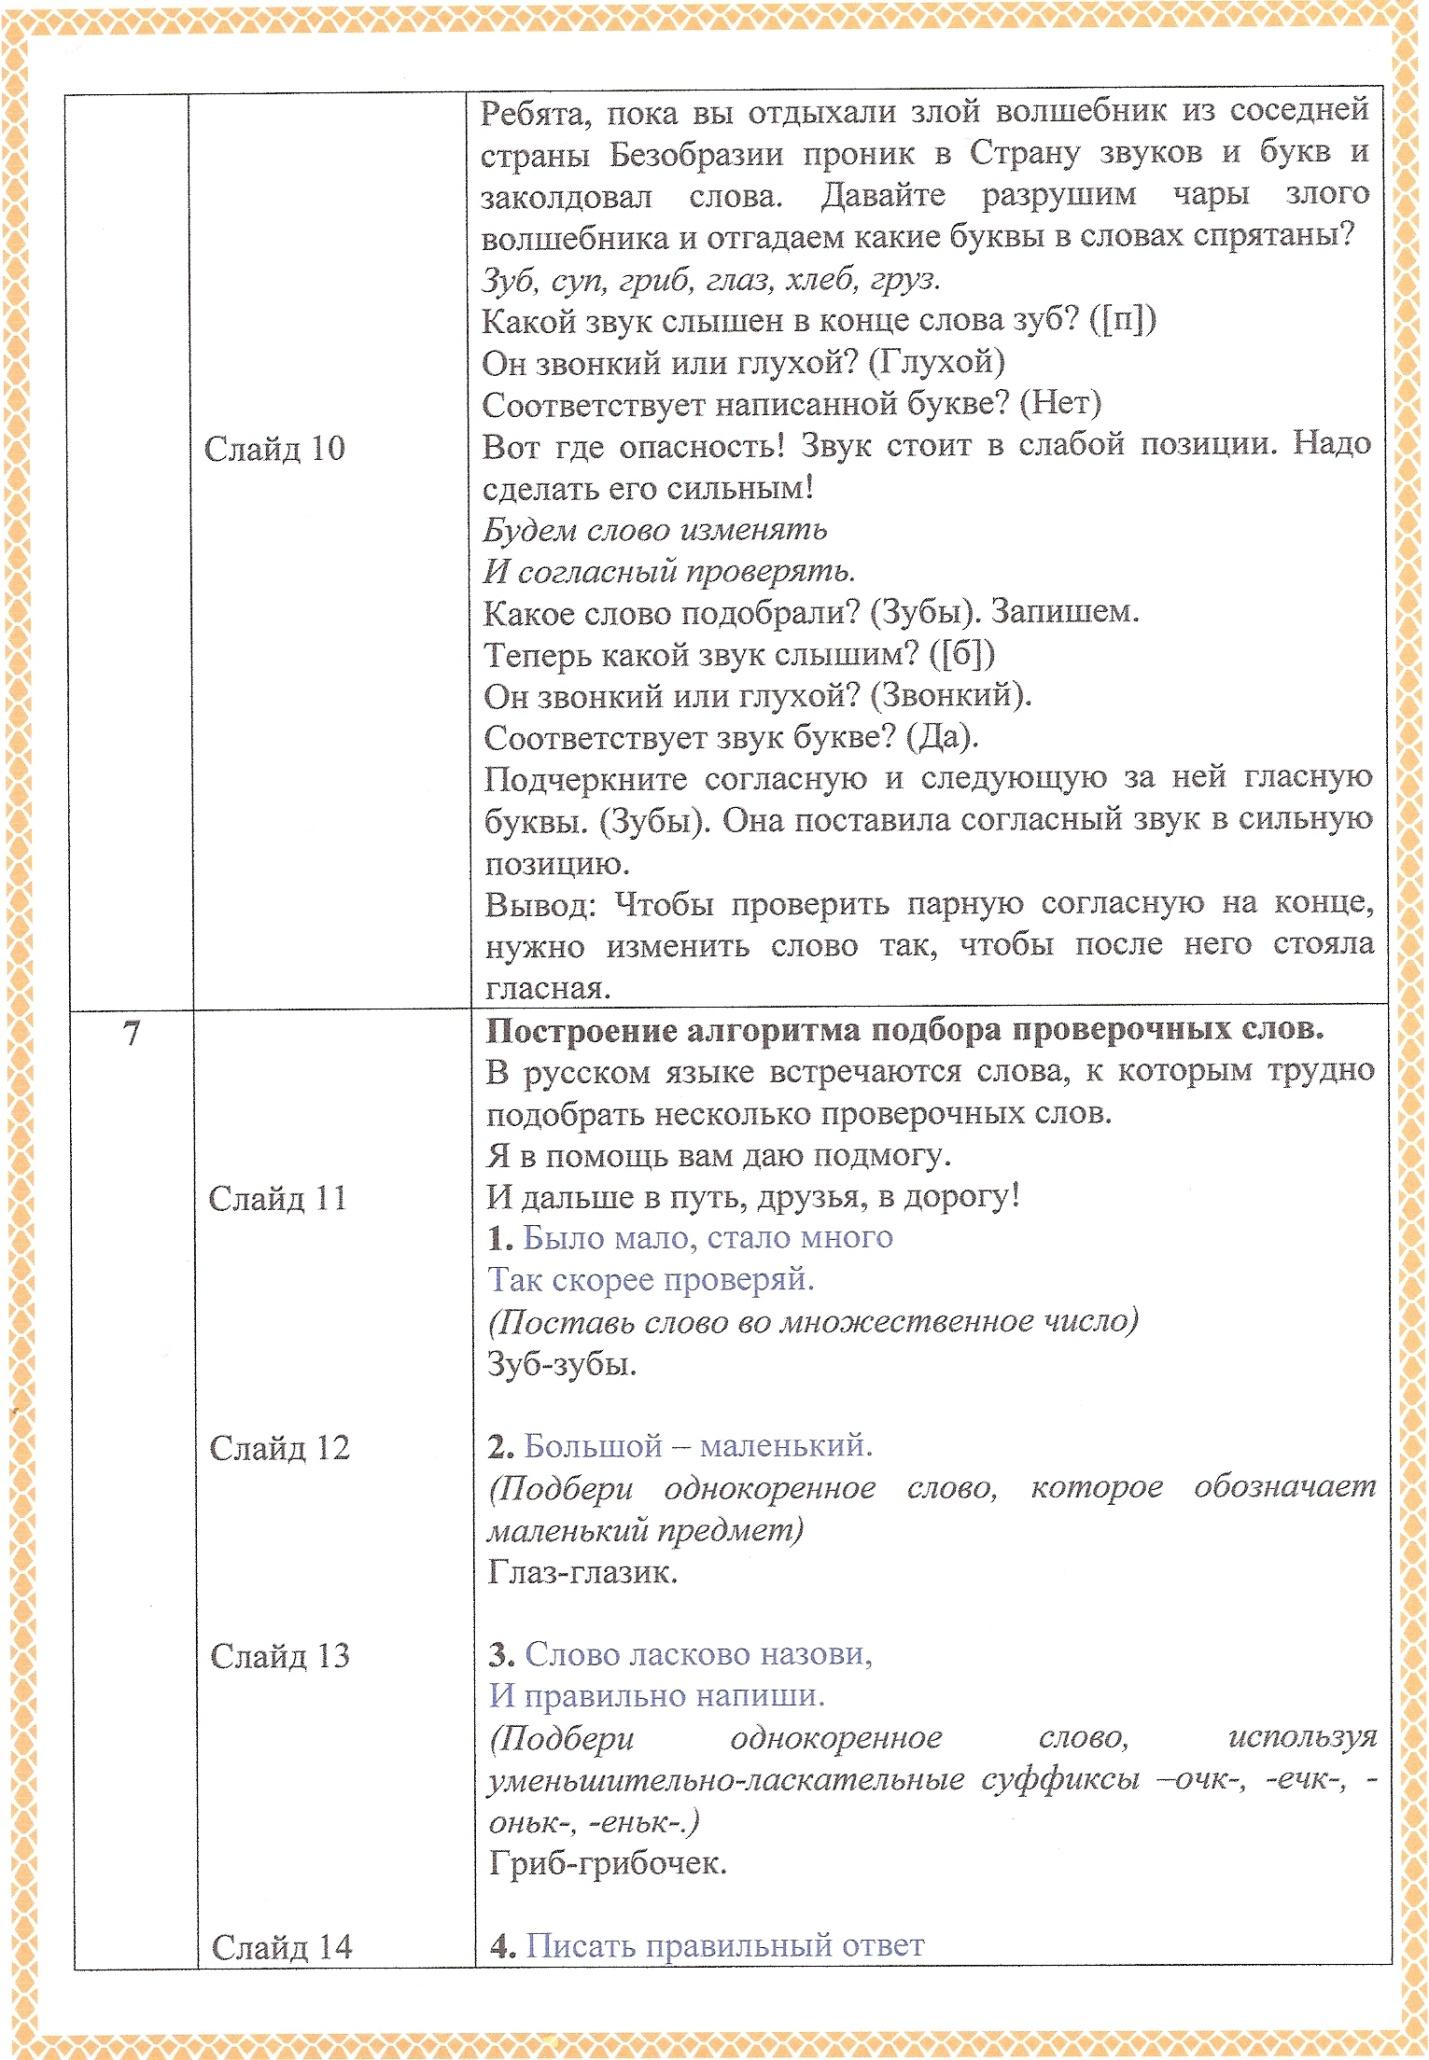 C:\Users\Сергей\Pictures\Мои сканированные изображения\сканирование0055.jpg